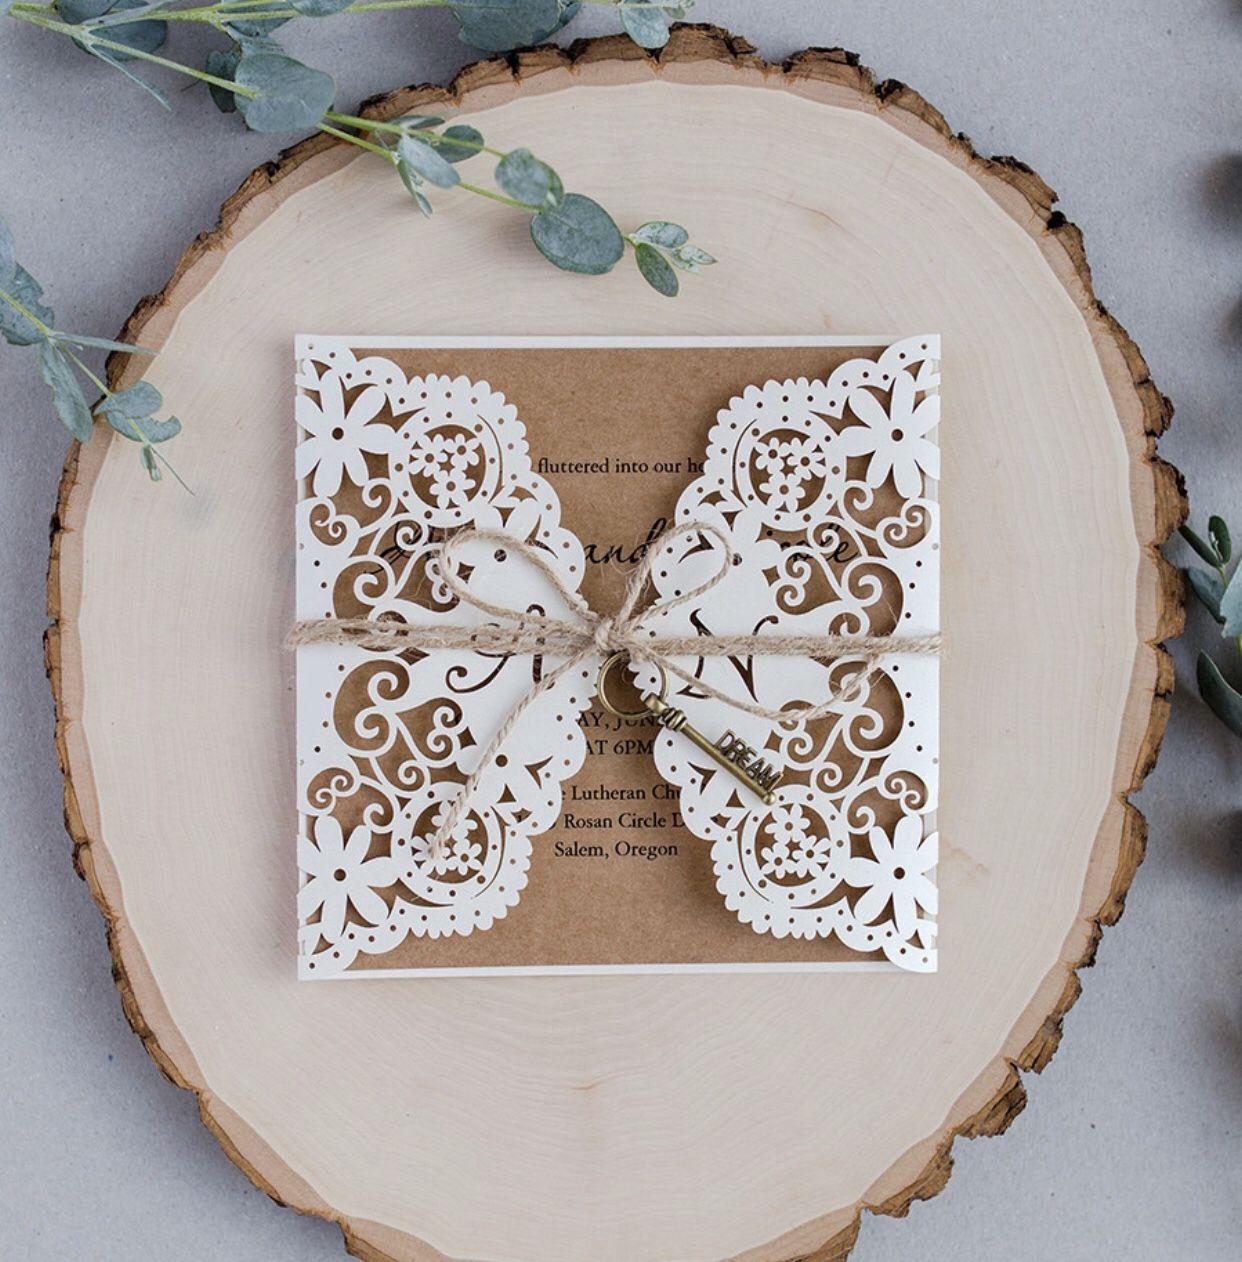 Set The Mood For Everything: Elegant Wedding Invites Set The Mood For Your Wedding